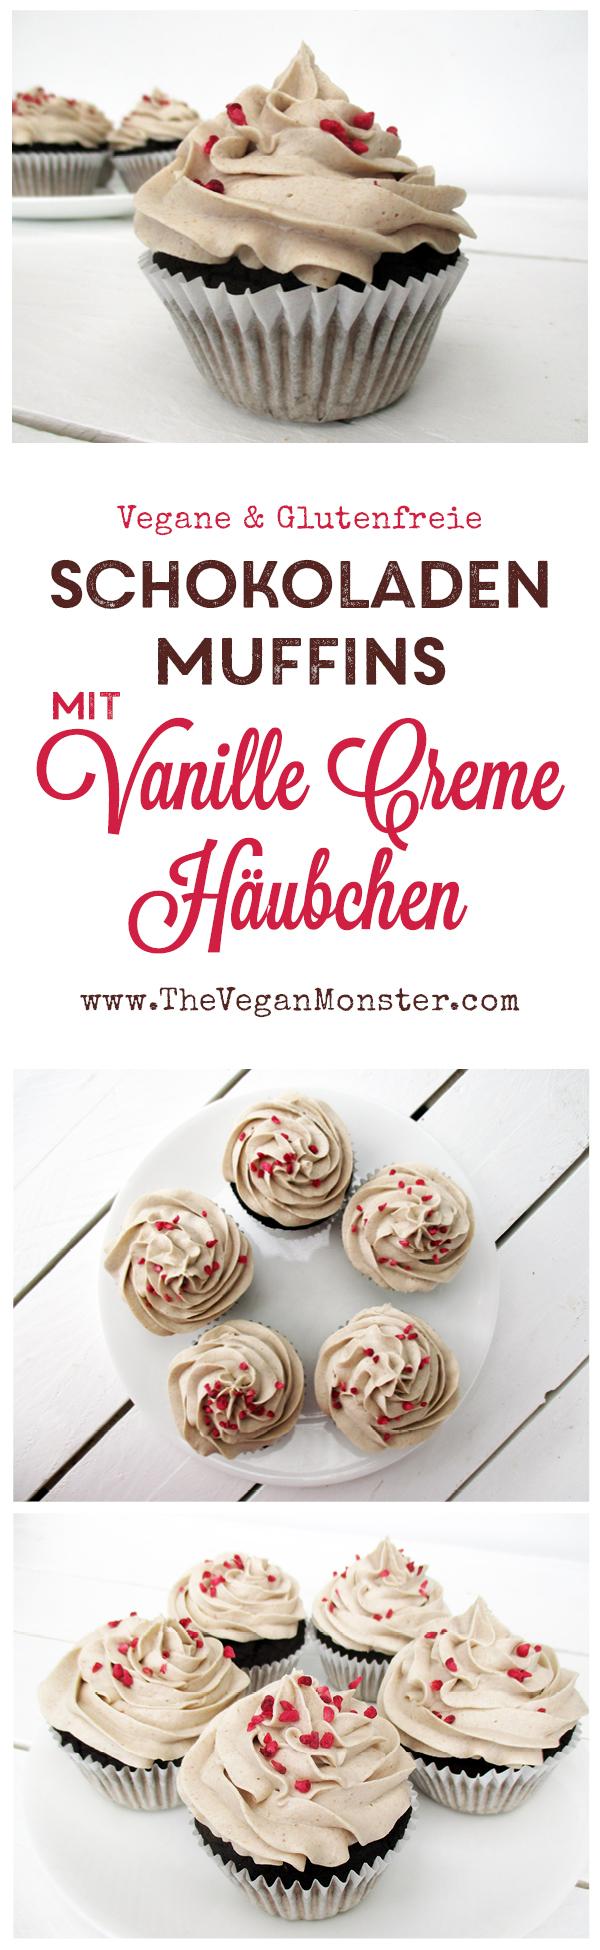 nuss milch mehl schokoladen muffins mit vanille creme h ubchen vegan glutenfrei ohne. Black Bedroom Furniture Sets. Home Design Ideas